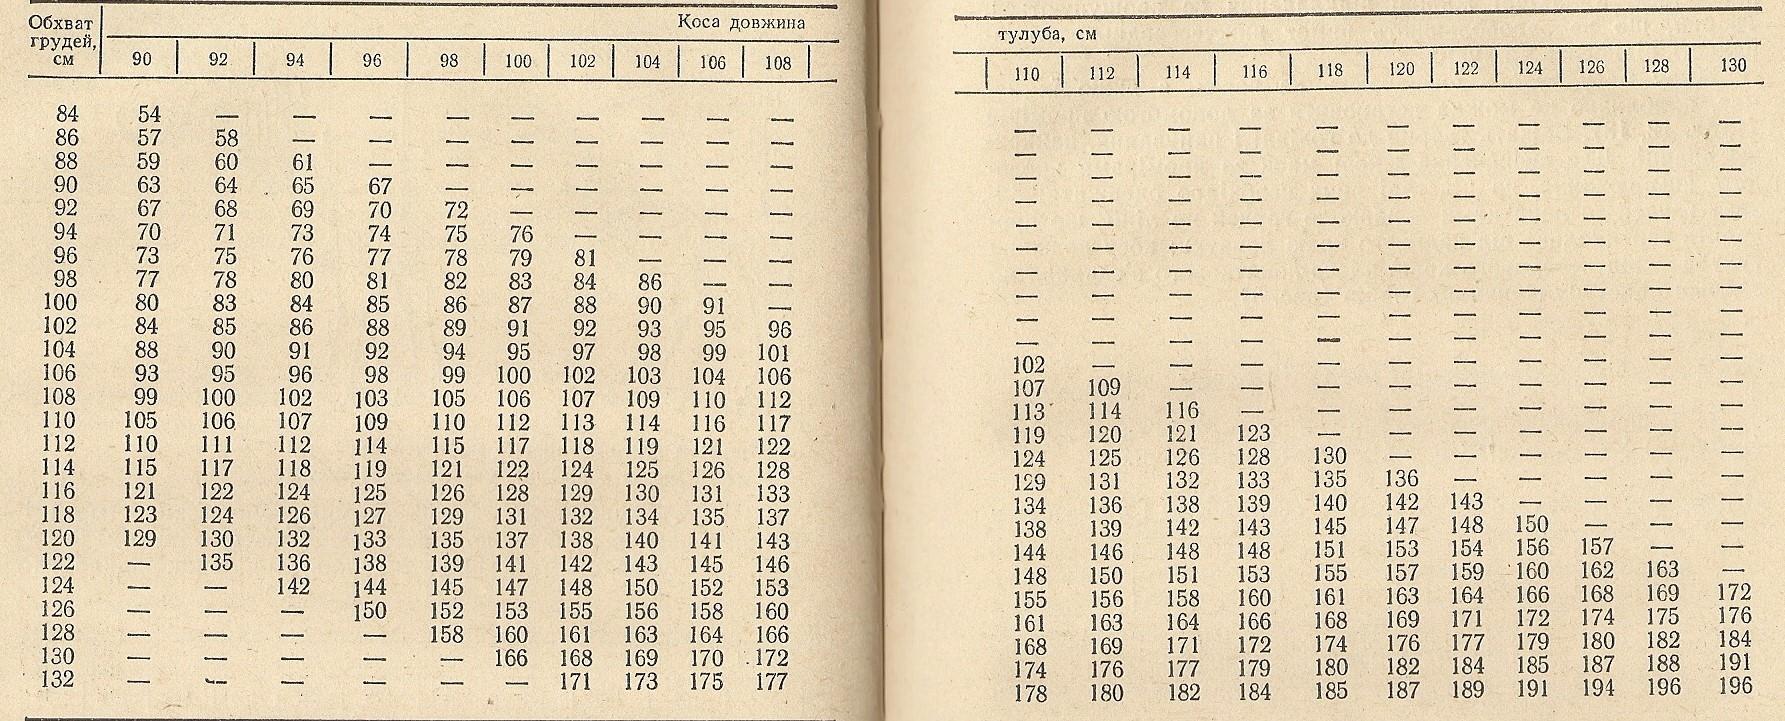 Вес коровы. как узнать без весов, народные способы, таблица веса коров